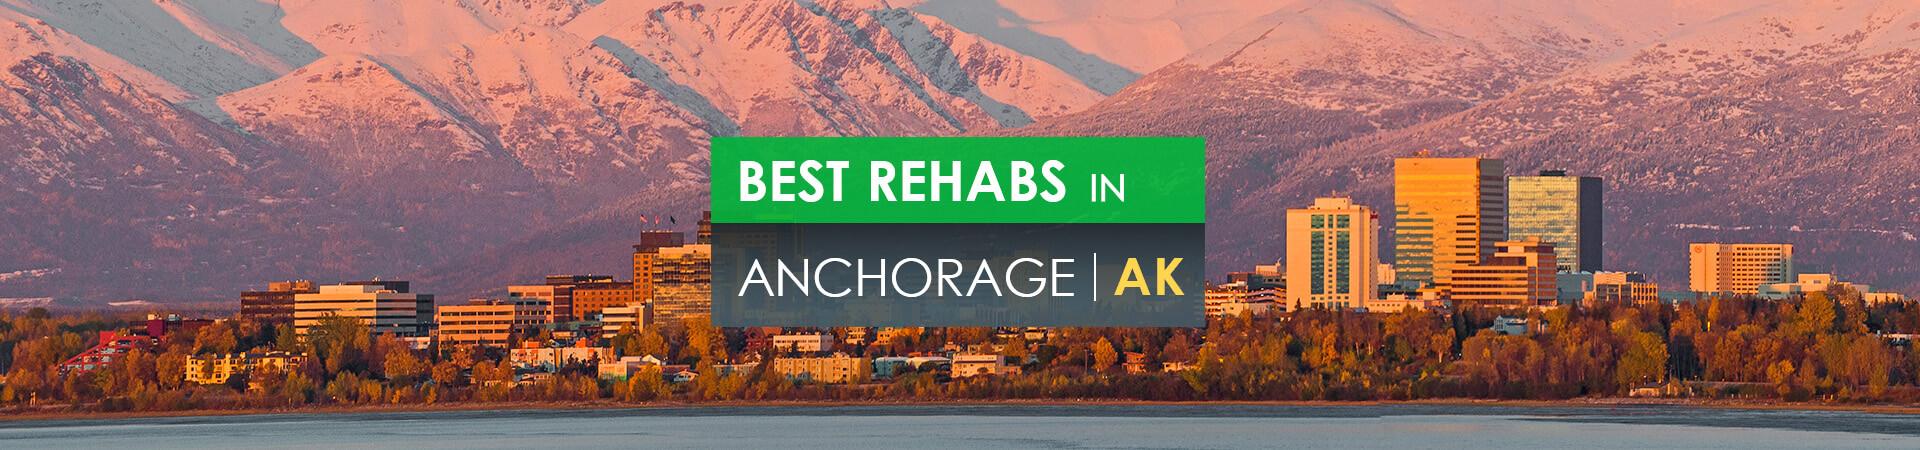 Best rehabs in Anchorage, AK